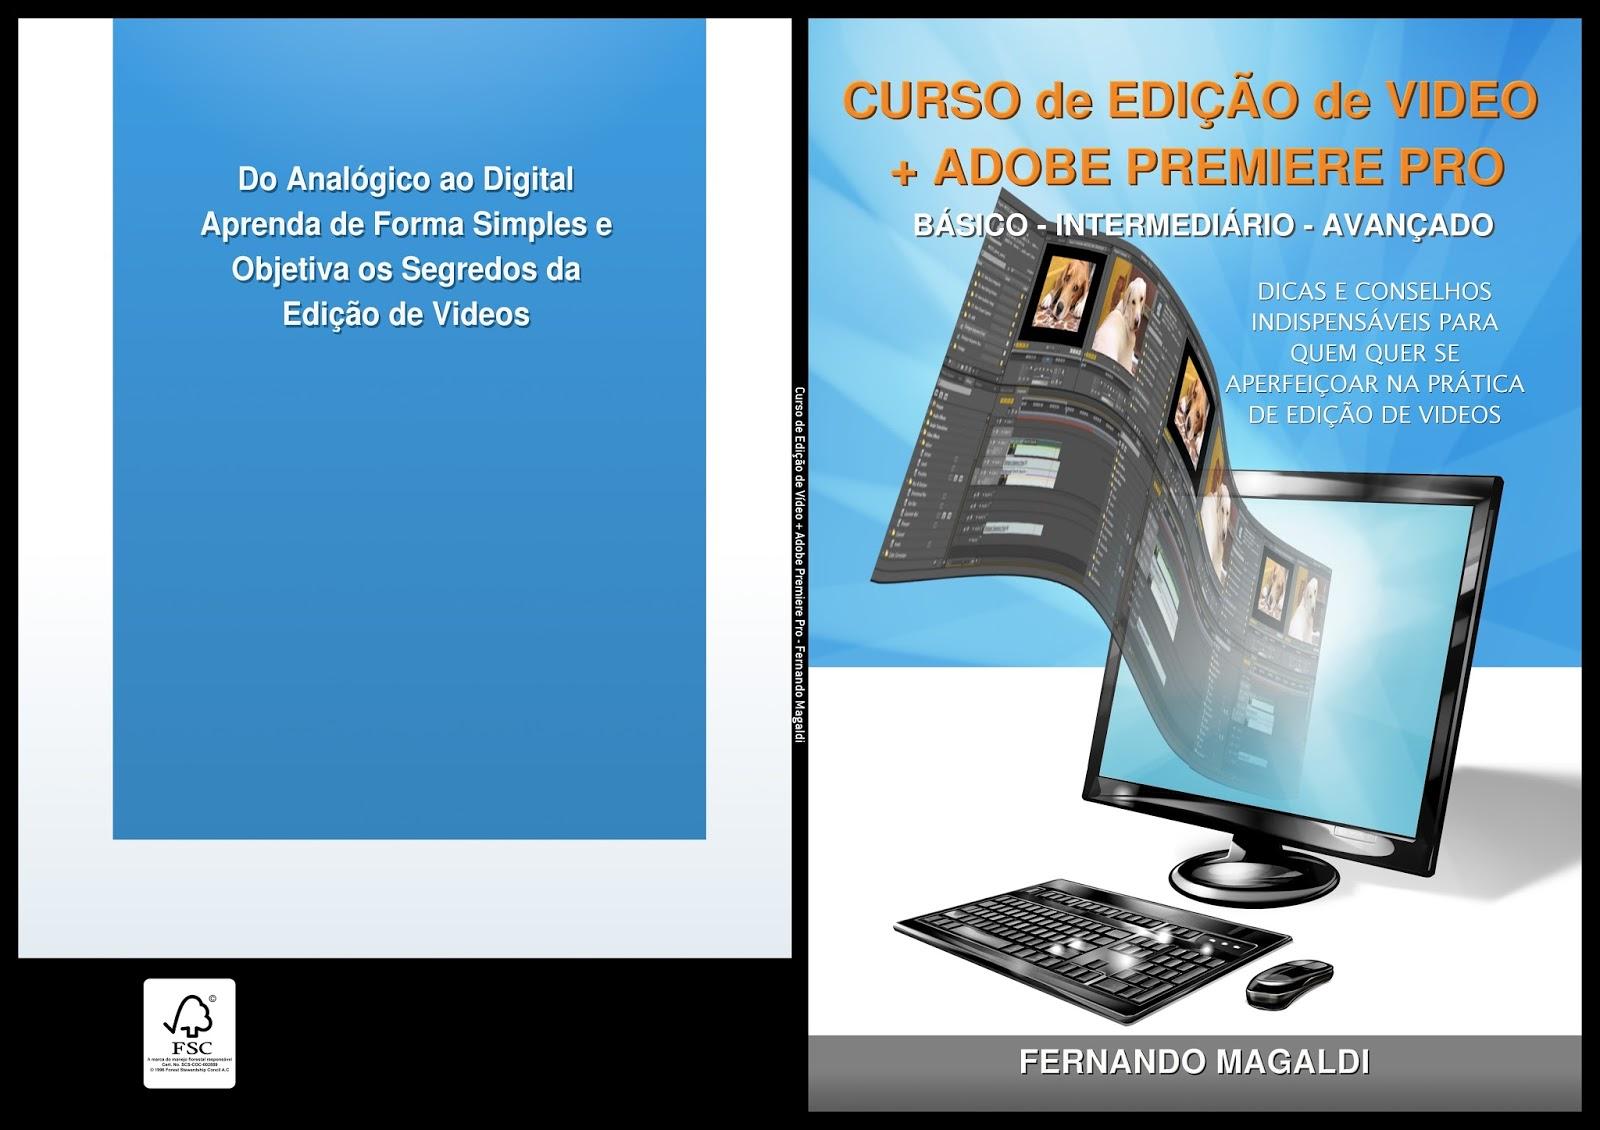 Curso de Edição de Vídeos com Adobe Premiere Pro CS6 cover capa curso edit video   fernando magaldi